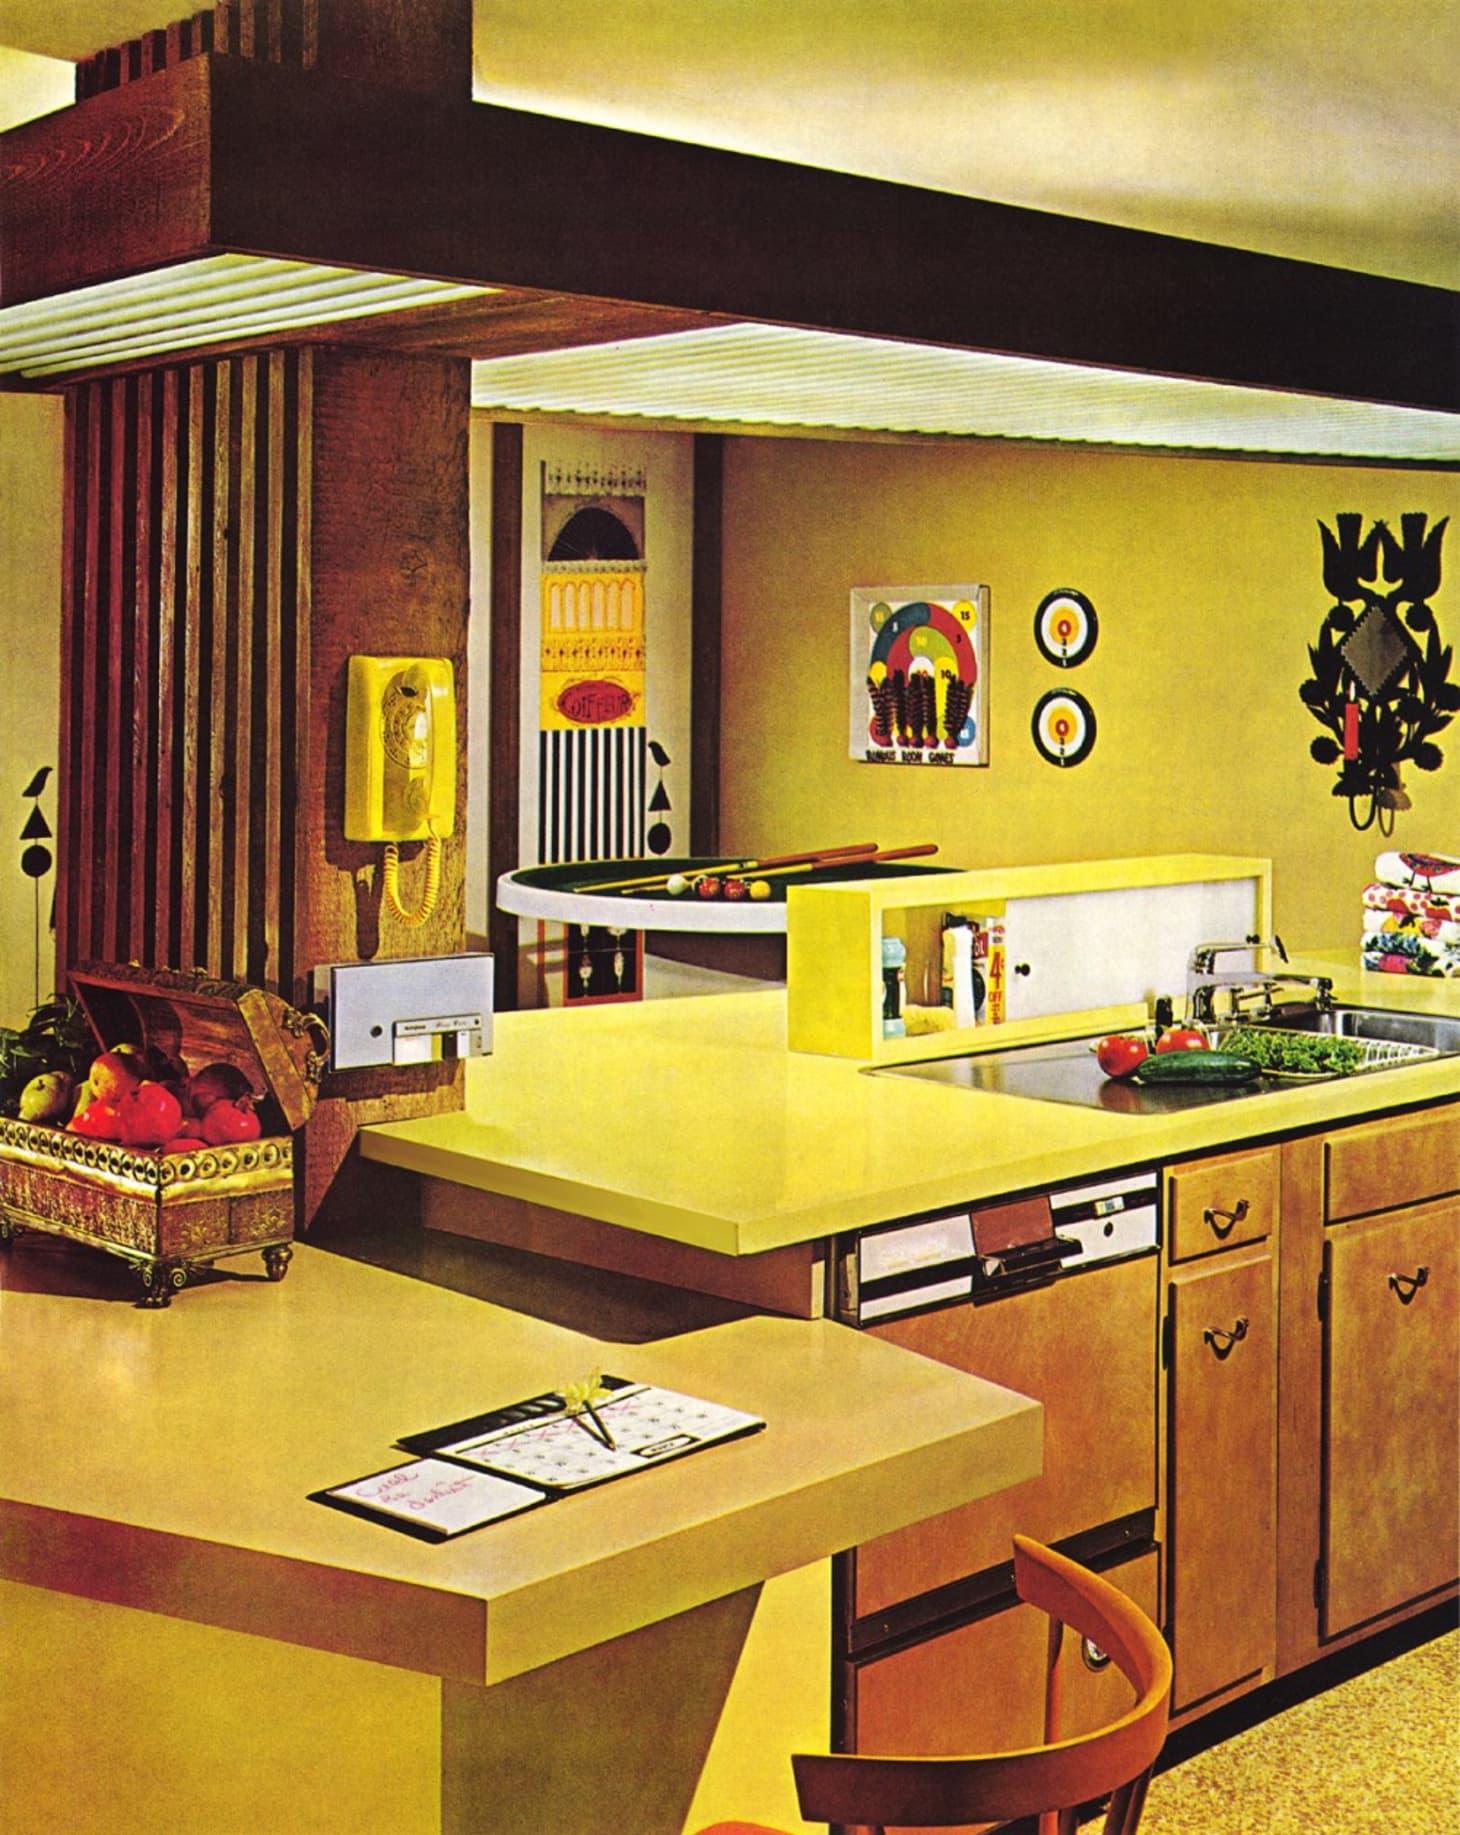 Kitchen Room Interior Design: A Brief History Of 1970s Kitchen Design